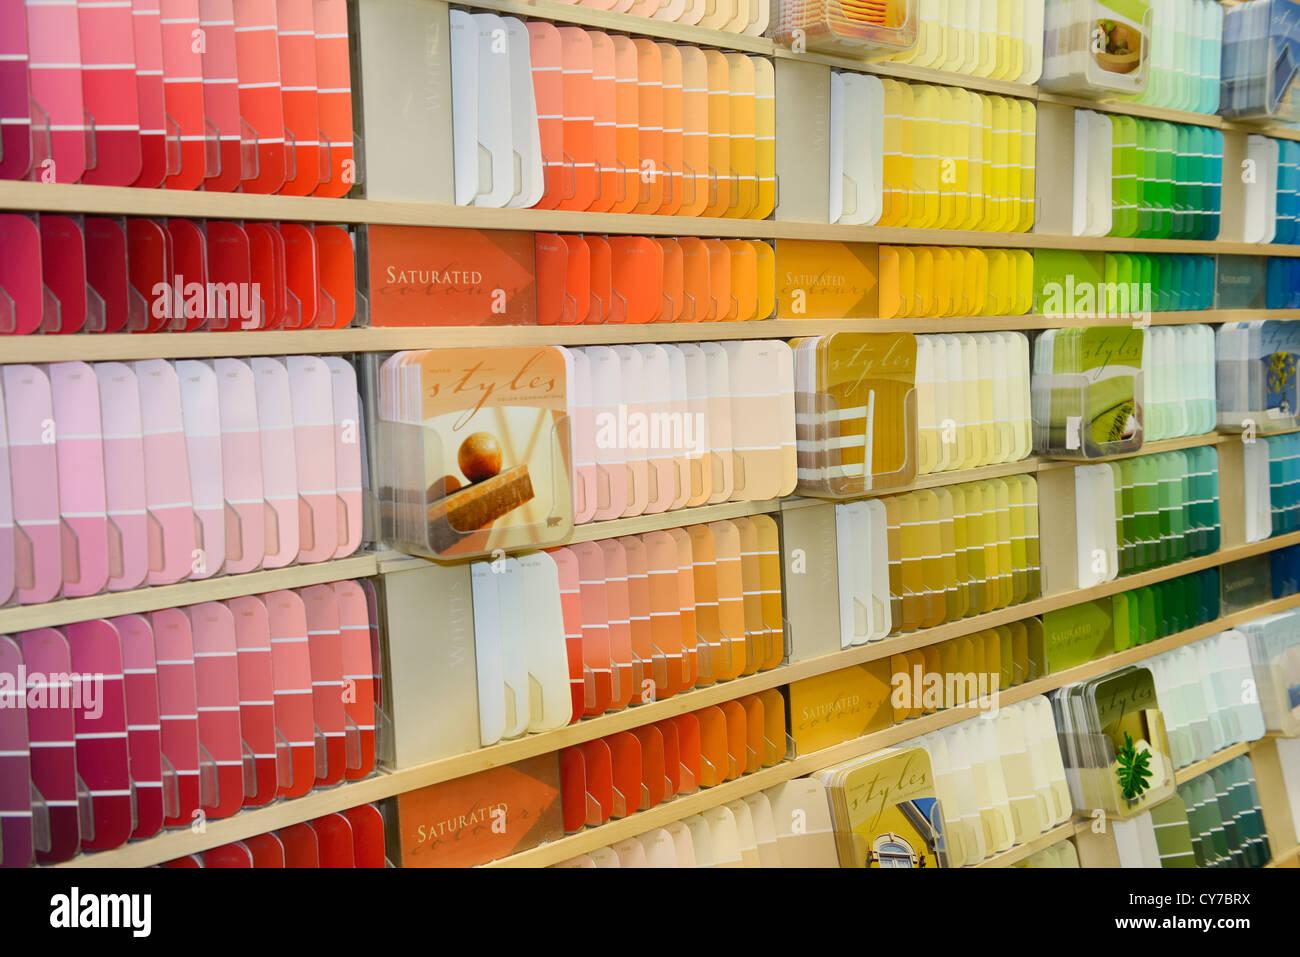 Selección de color de pintura muestras de chip en un escaparate de una tienda de hardware Imagen De Stock